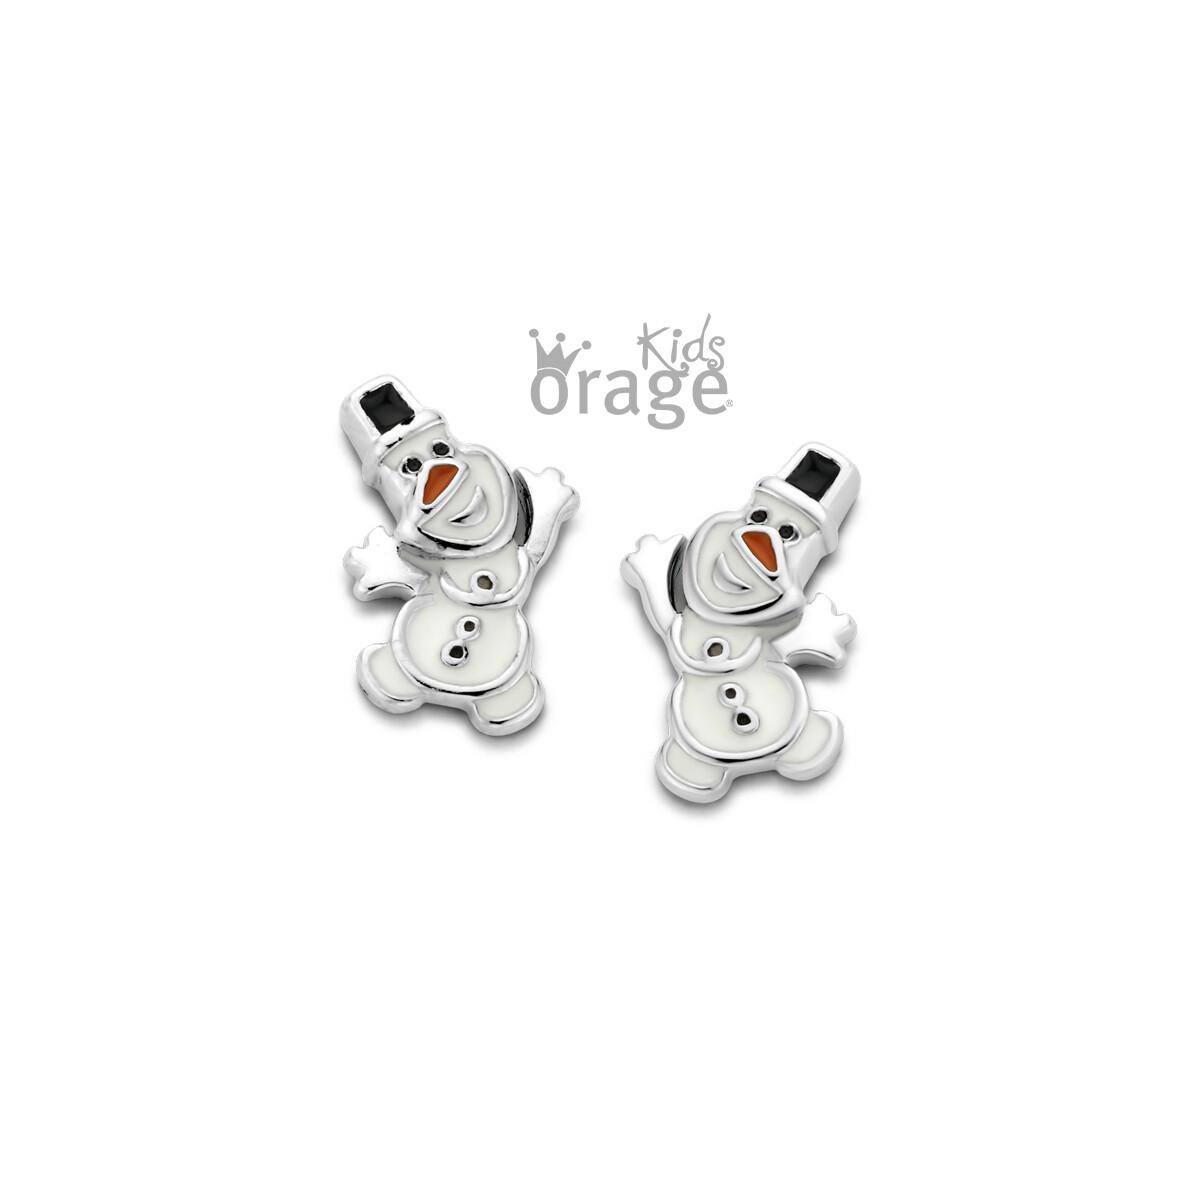 Boucles d'oreilles Orage Kids K1826